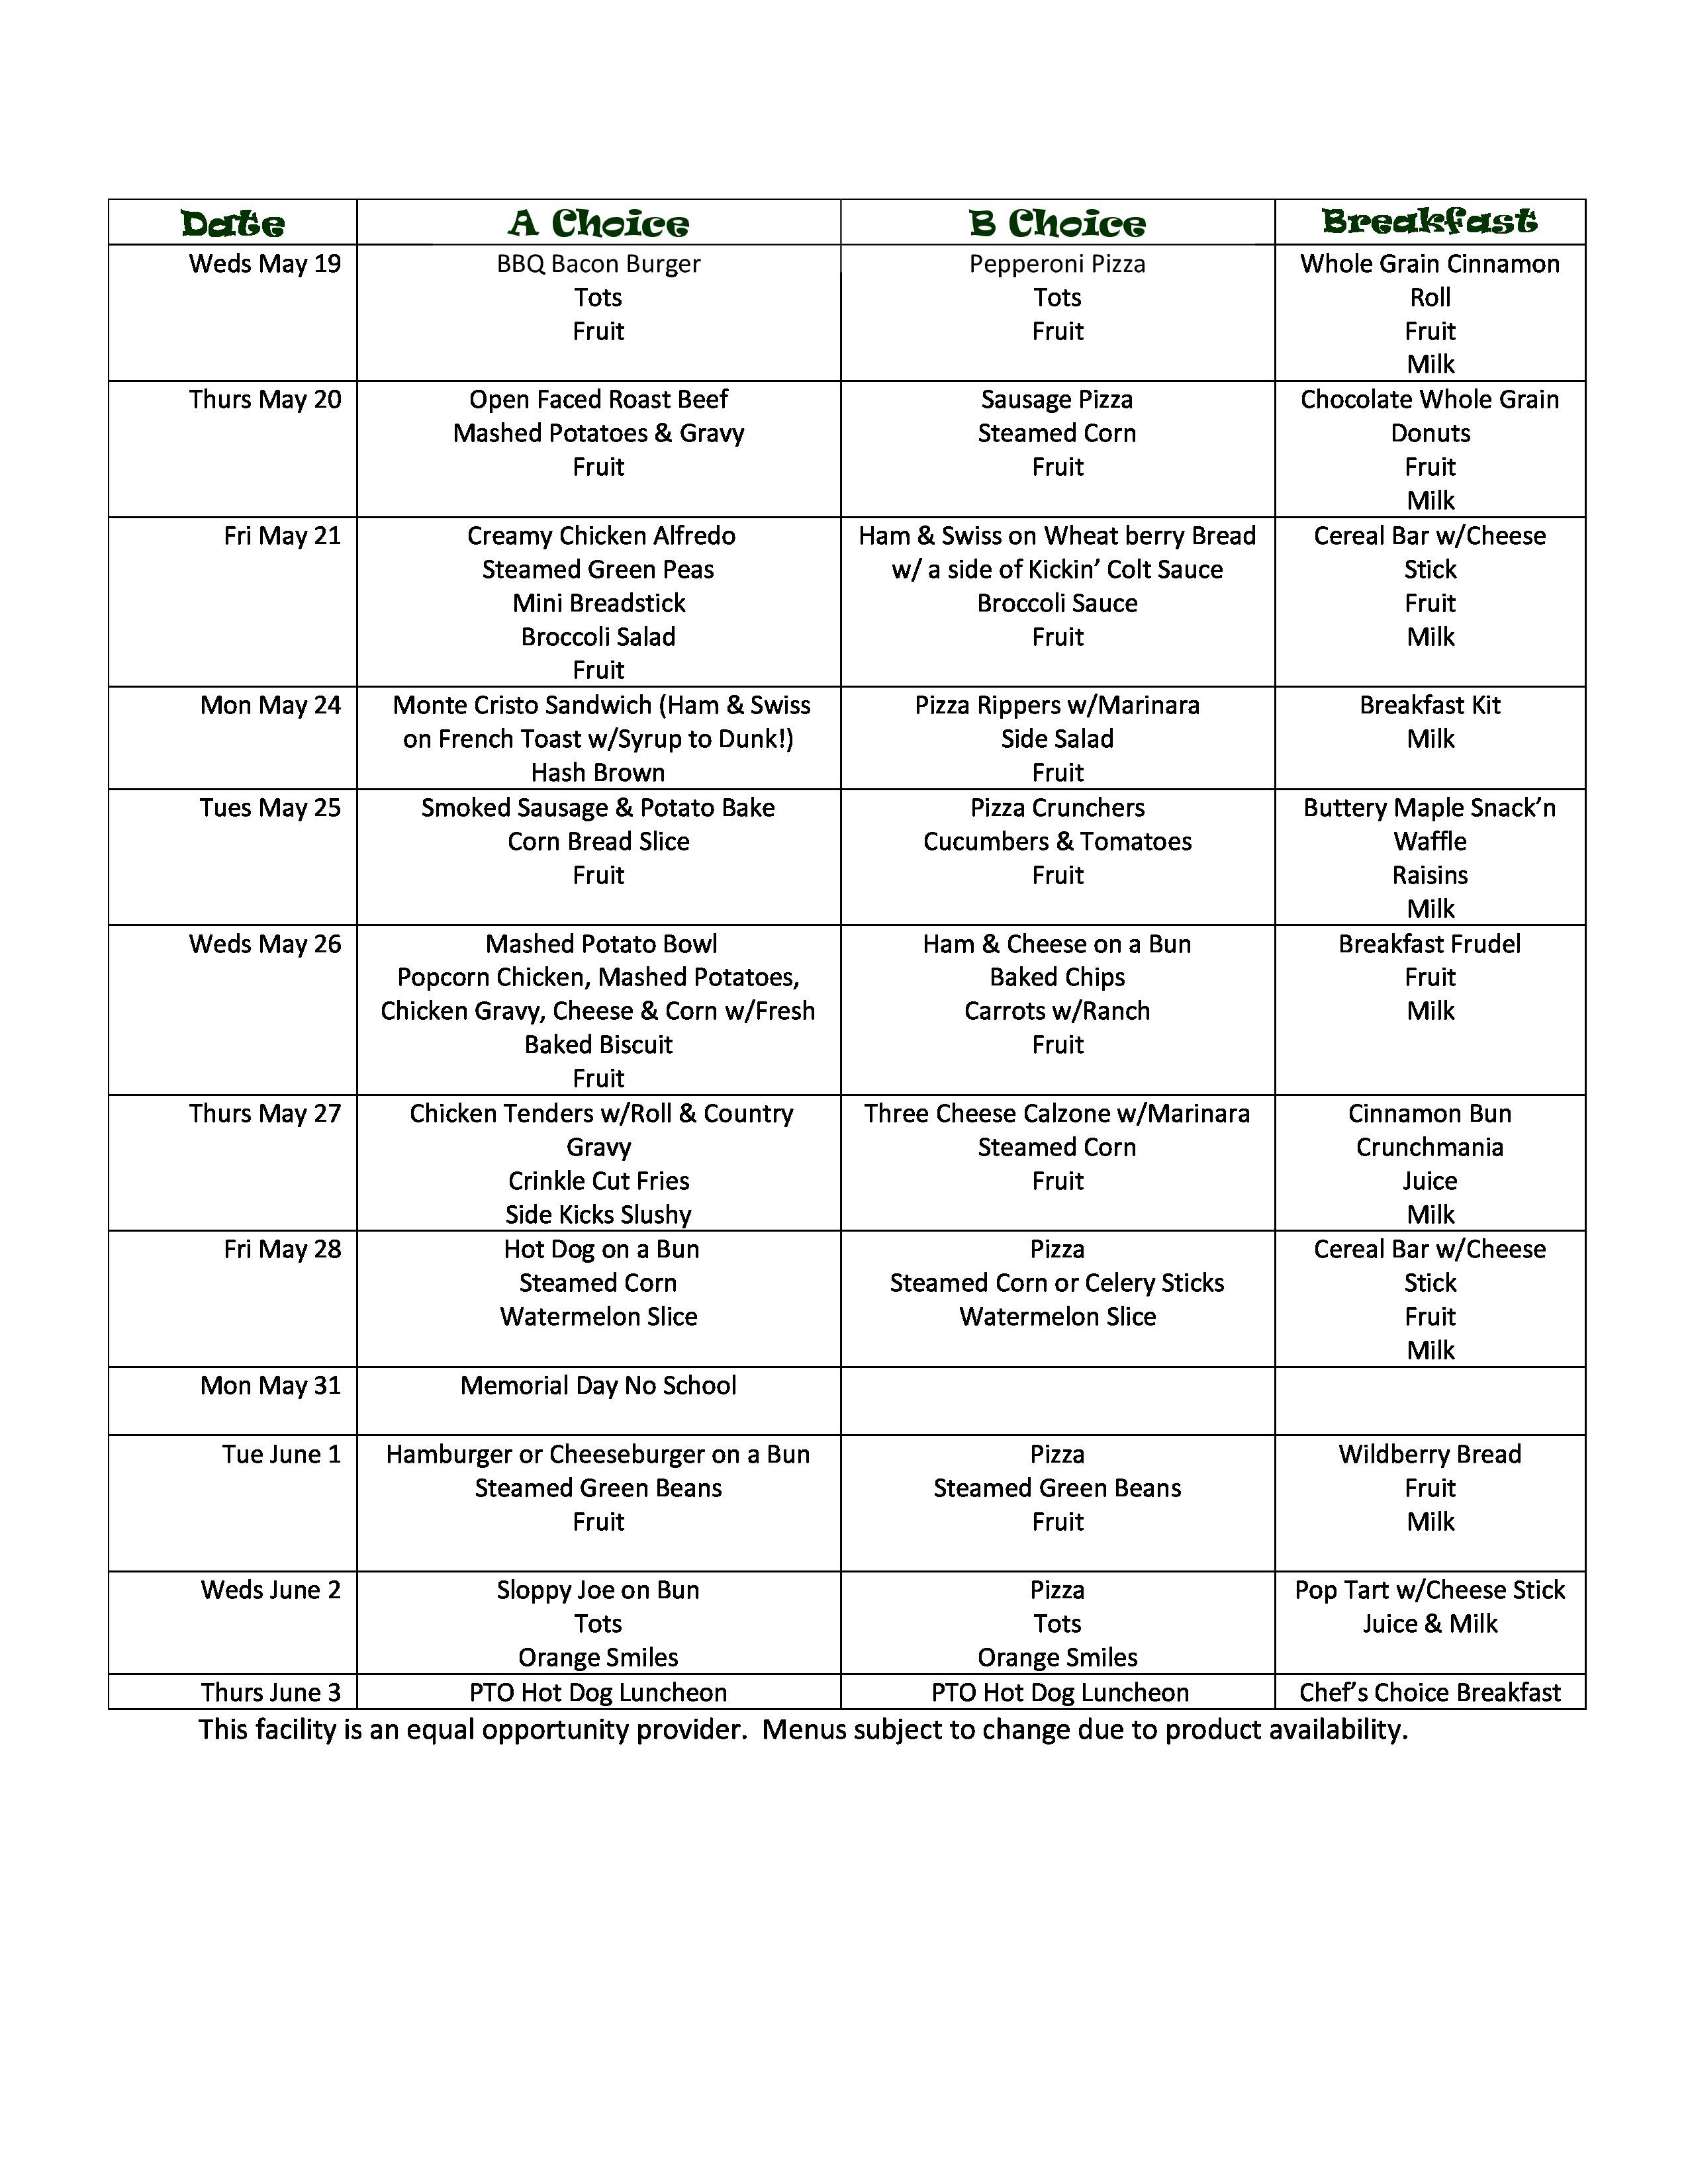 May middle school menu